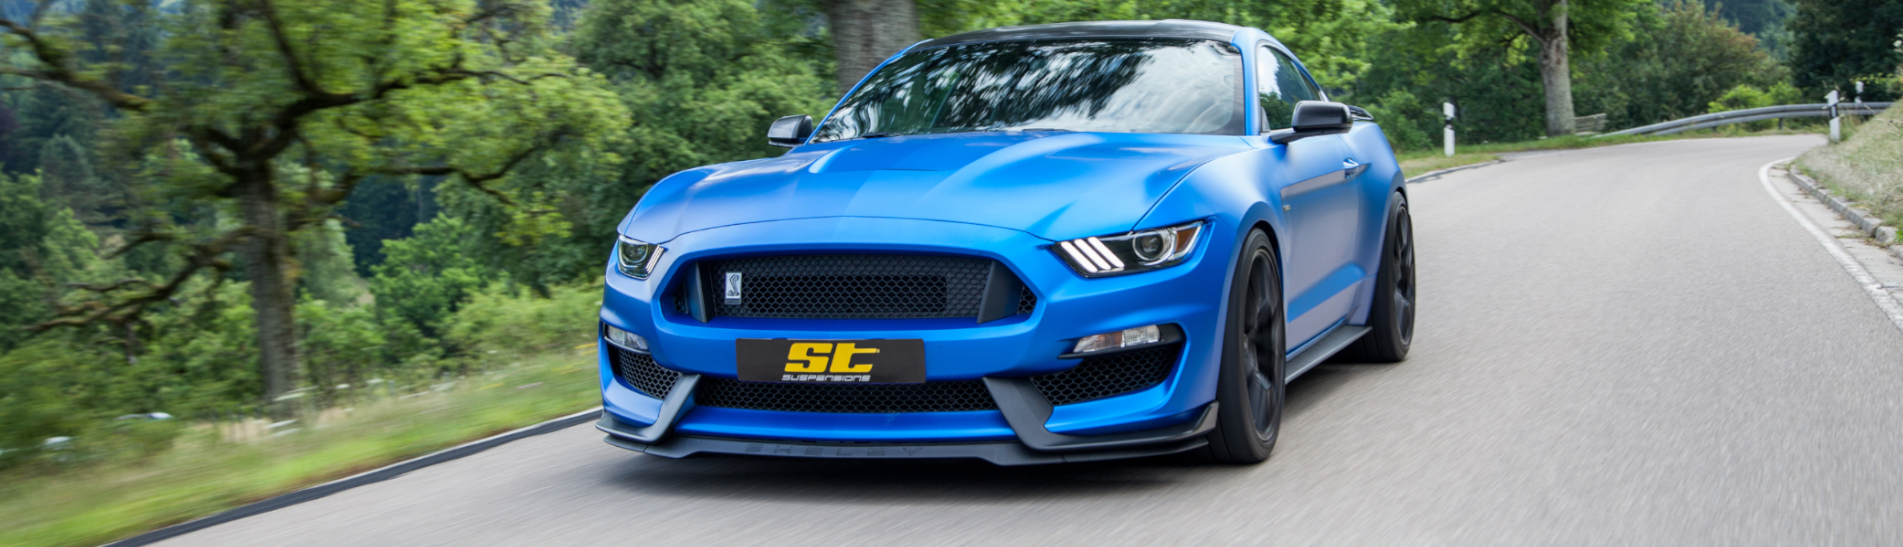 ST XTA Gewindefahrwerk im Ford Mustang LAE Faceliftmodell